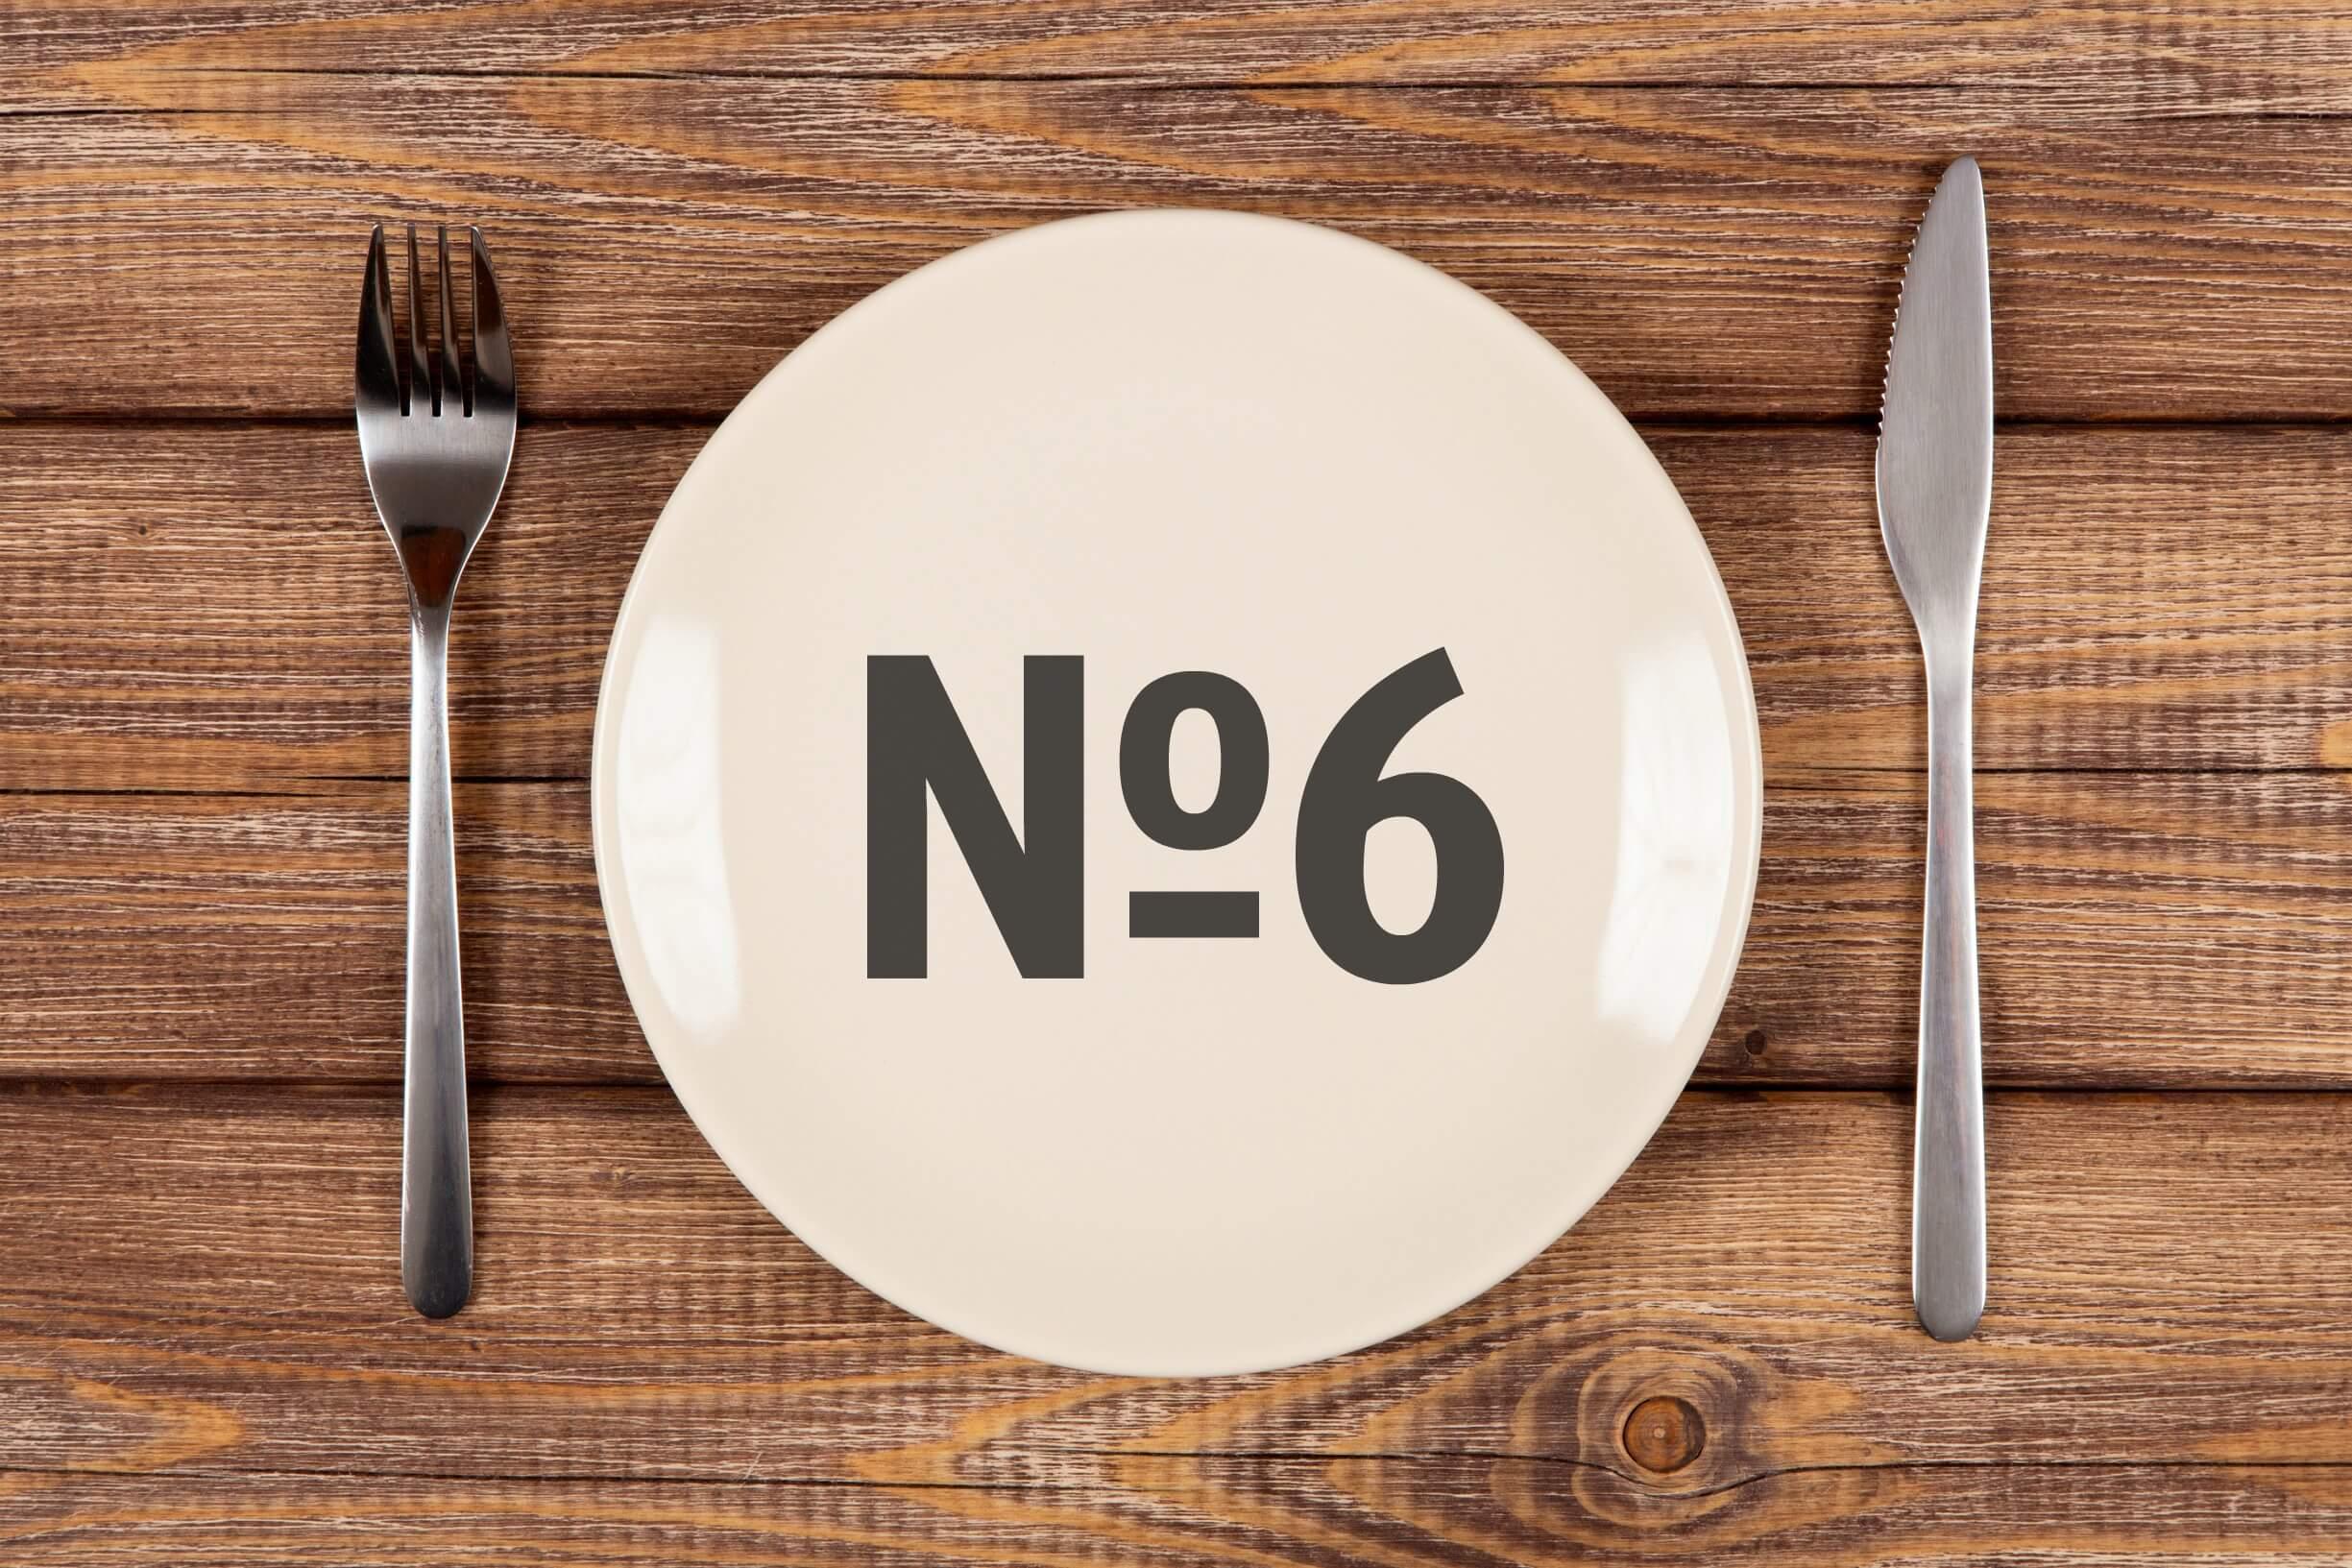 Диета №6 при подагре: принципы правильного питания. 6 диета при подагре: полное меню на неделю, рецепты